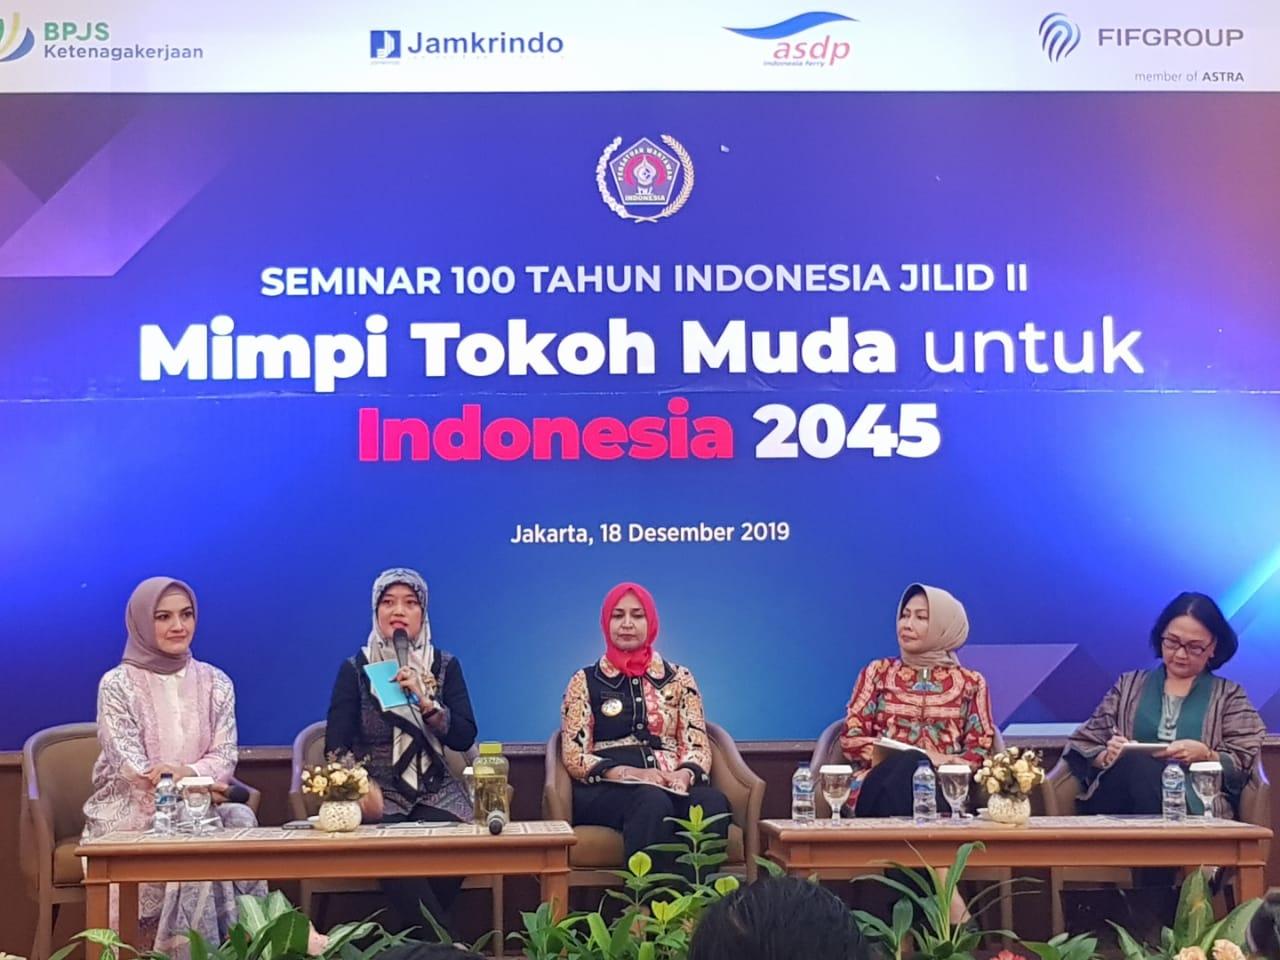 Seminar 100 Tahun Indonesia, PWI Hadirkan Tokoh-tokoh Muda Wanita